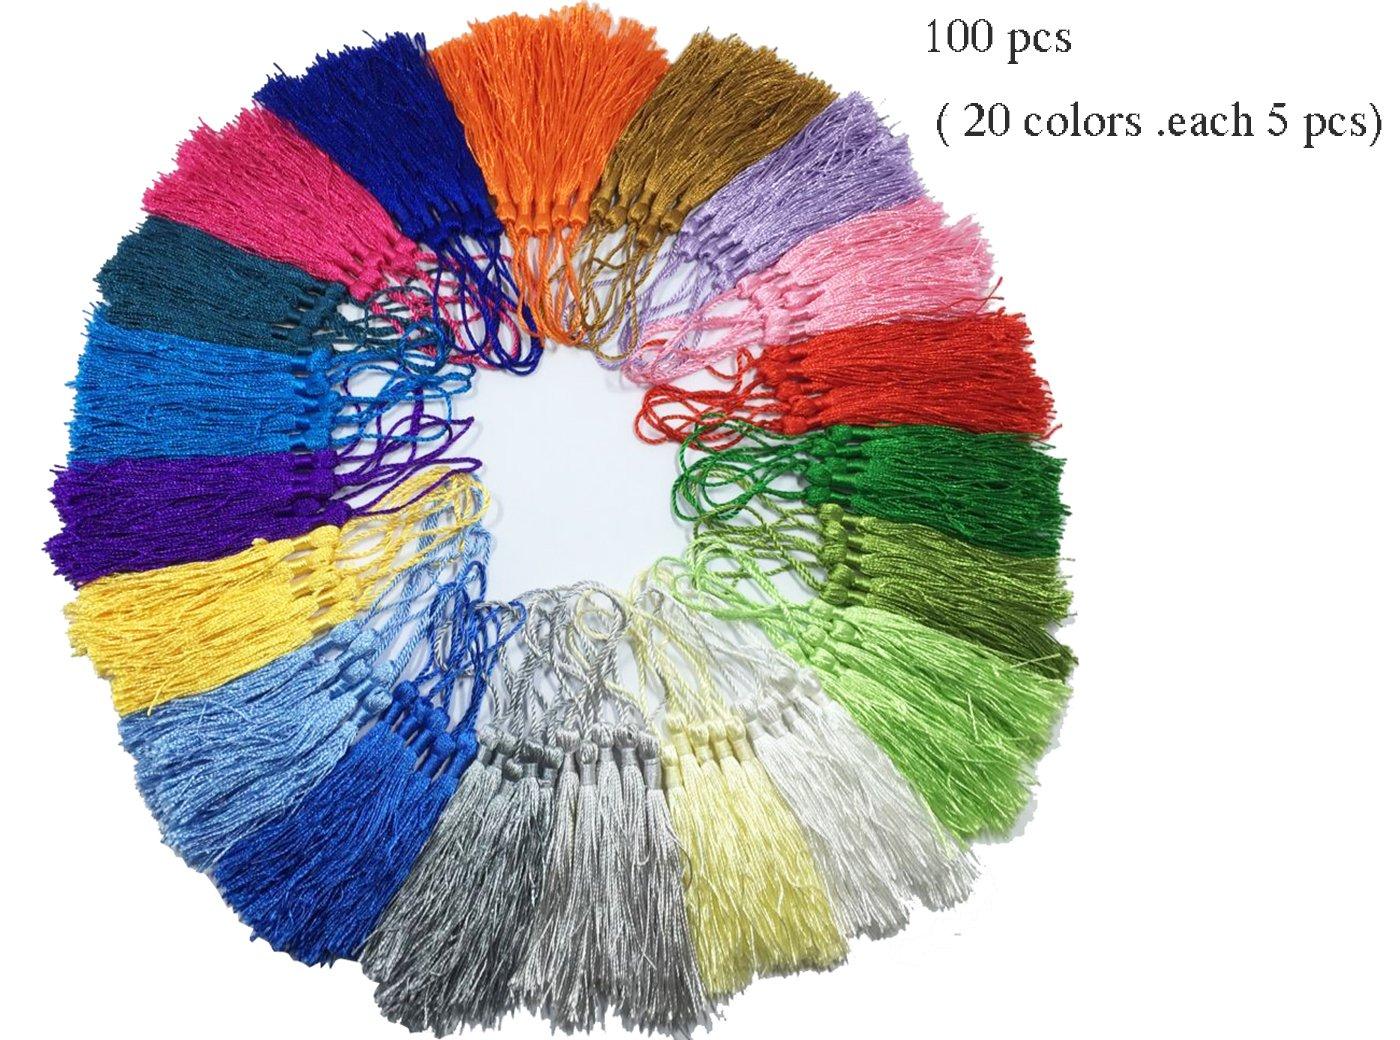 100 pcs of Prayer Beads Mini Tassels Charms Long Loop Silk Tassels Pendant,Handmade Tassels, Jewelry Tassels,Tassel Pendant, Adornments,Solid Binding Tassels Charm Handmade Tassels for DIY Crafts